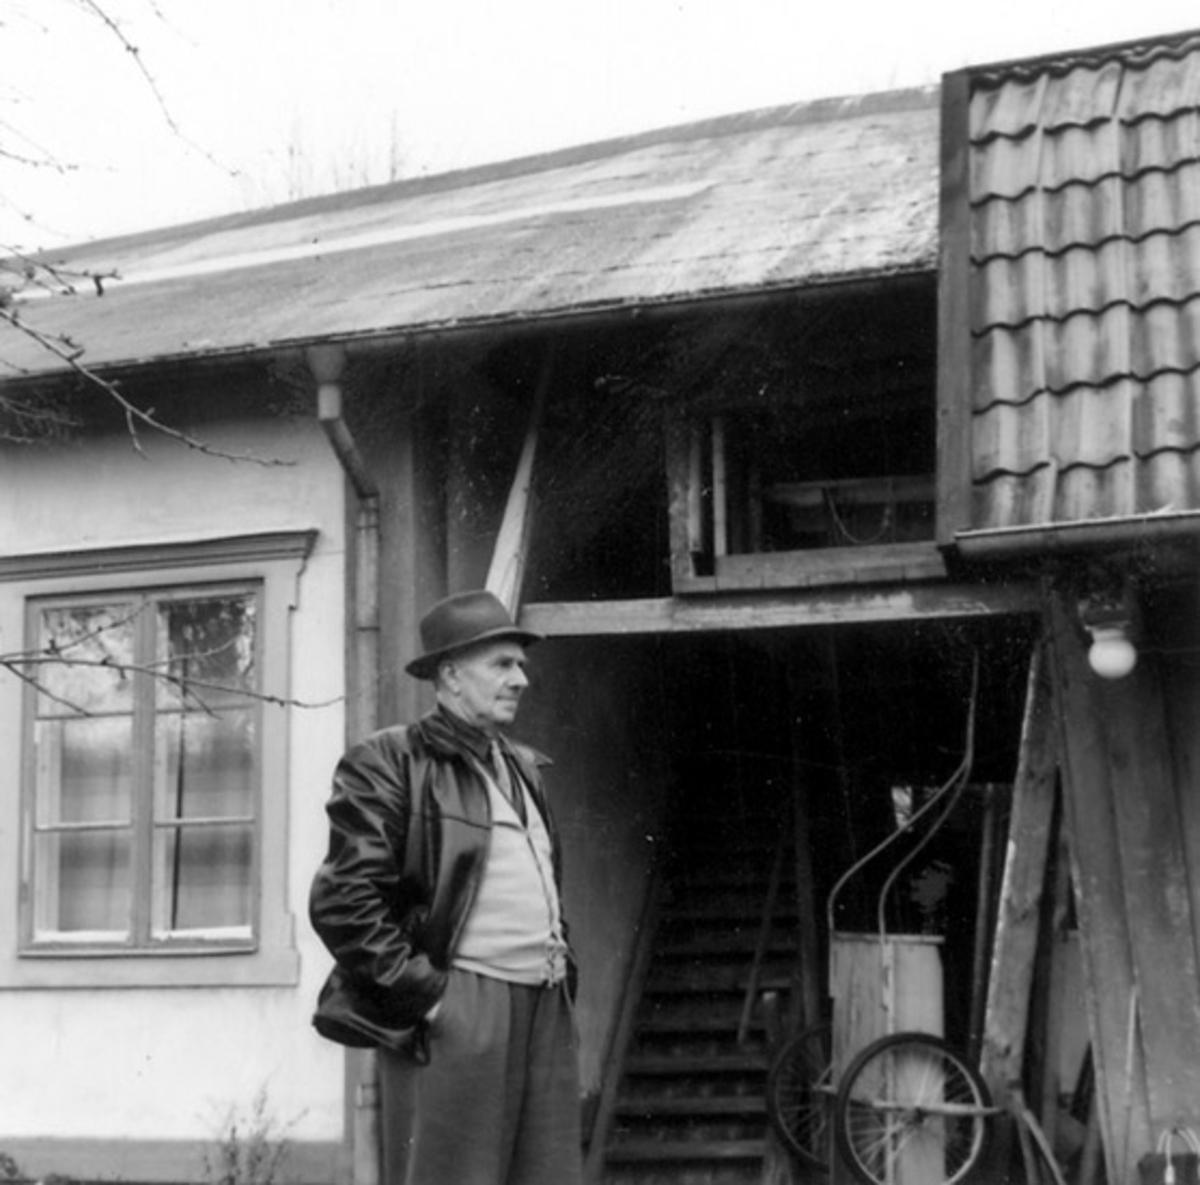 Fotot ät taget: 1958-11-12 - 1958-11-13 Vaxholms hembygdsmuseum. Stockholms högskolas kurs i båtuppmätning 12-13 Nov. 1958.